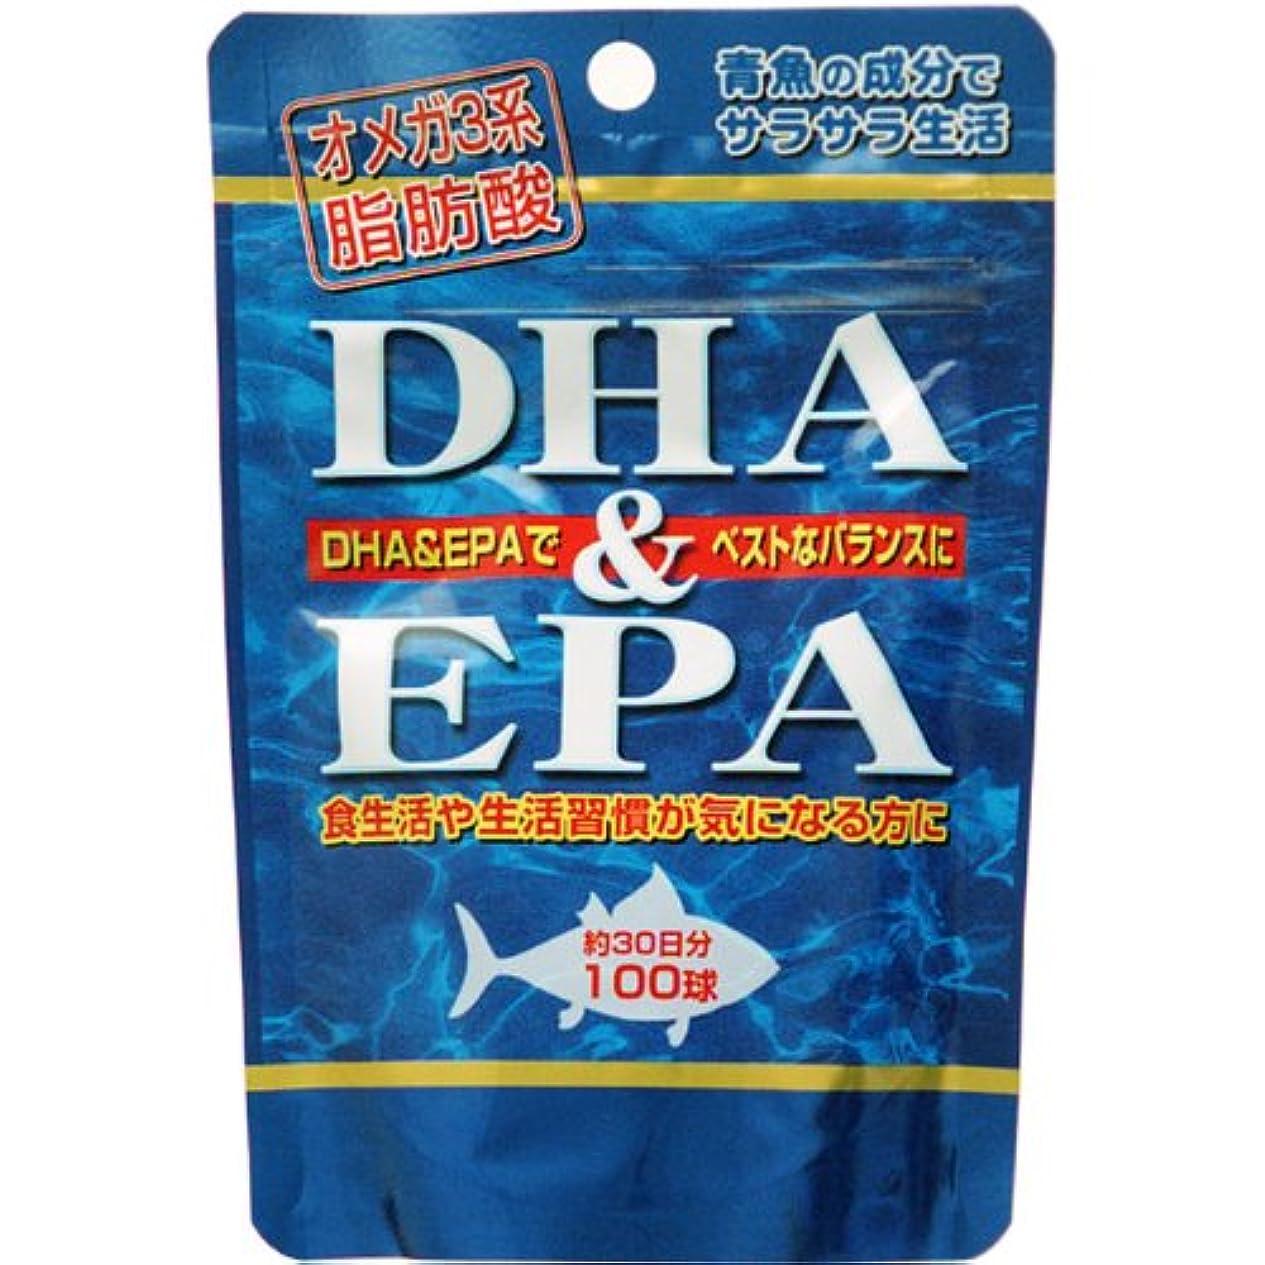 減るリングレット売上高DHA(ドコサヘキサエン酸)&EPA(エイコサペンタエン酸)×4